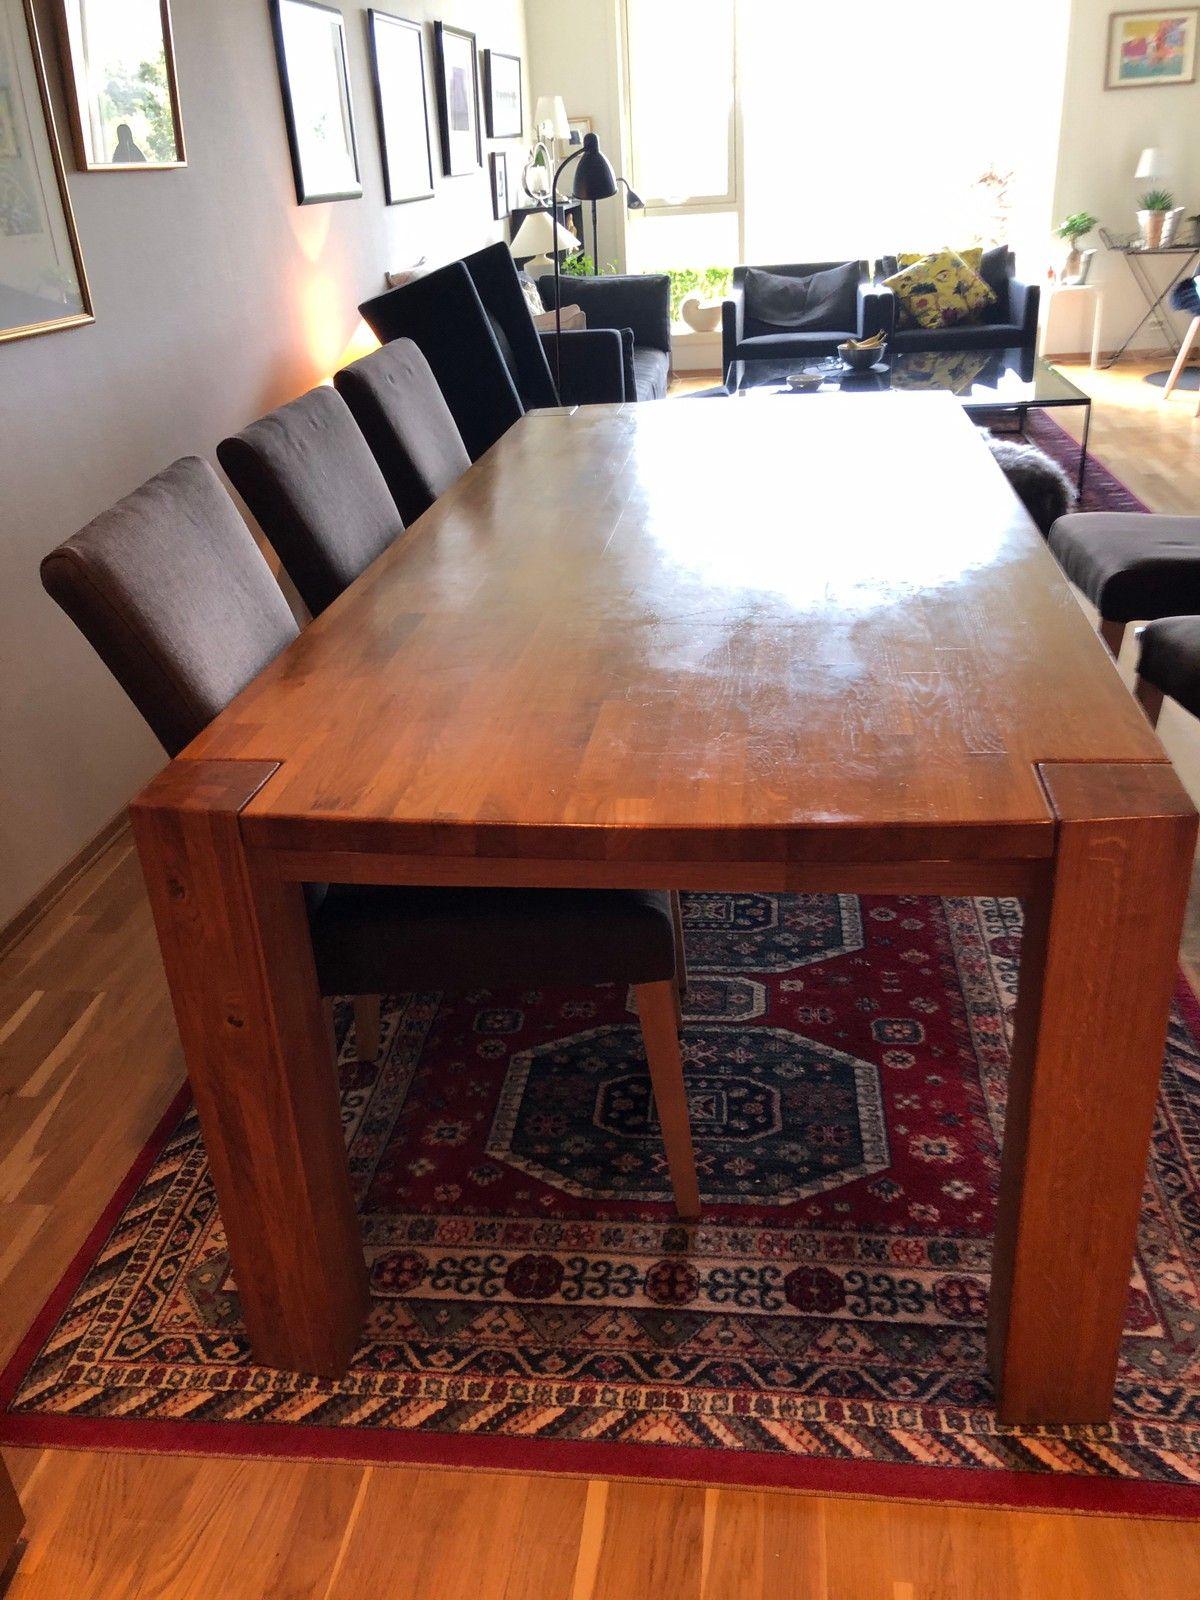 Stk spisebord stoler Kjøpe, selge og utveksle annonser de